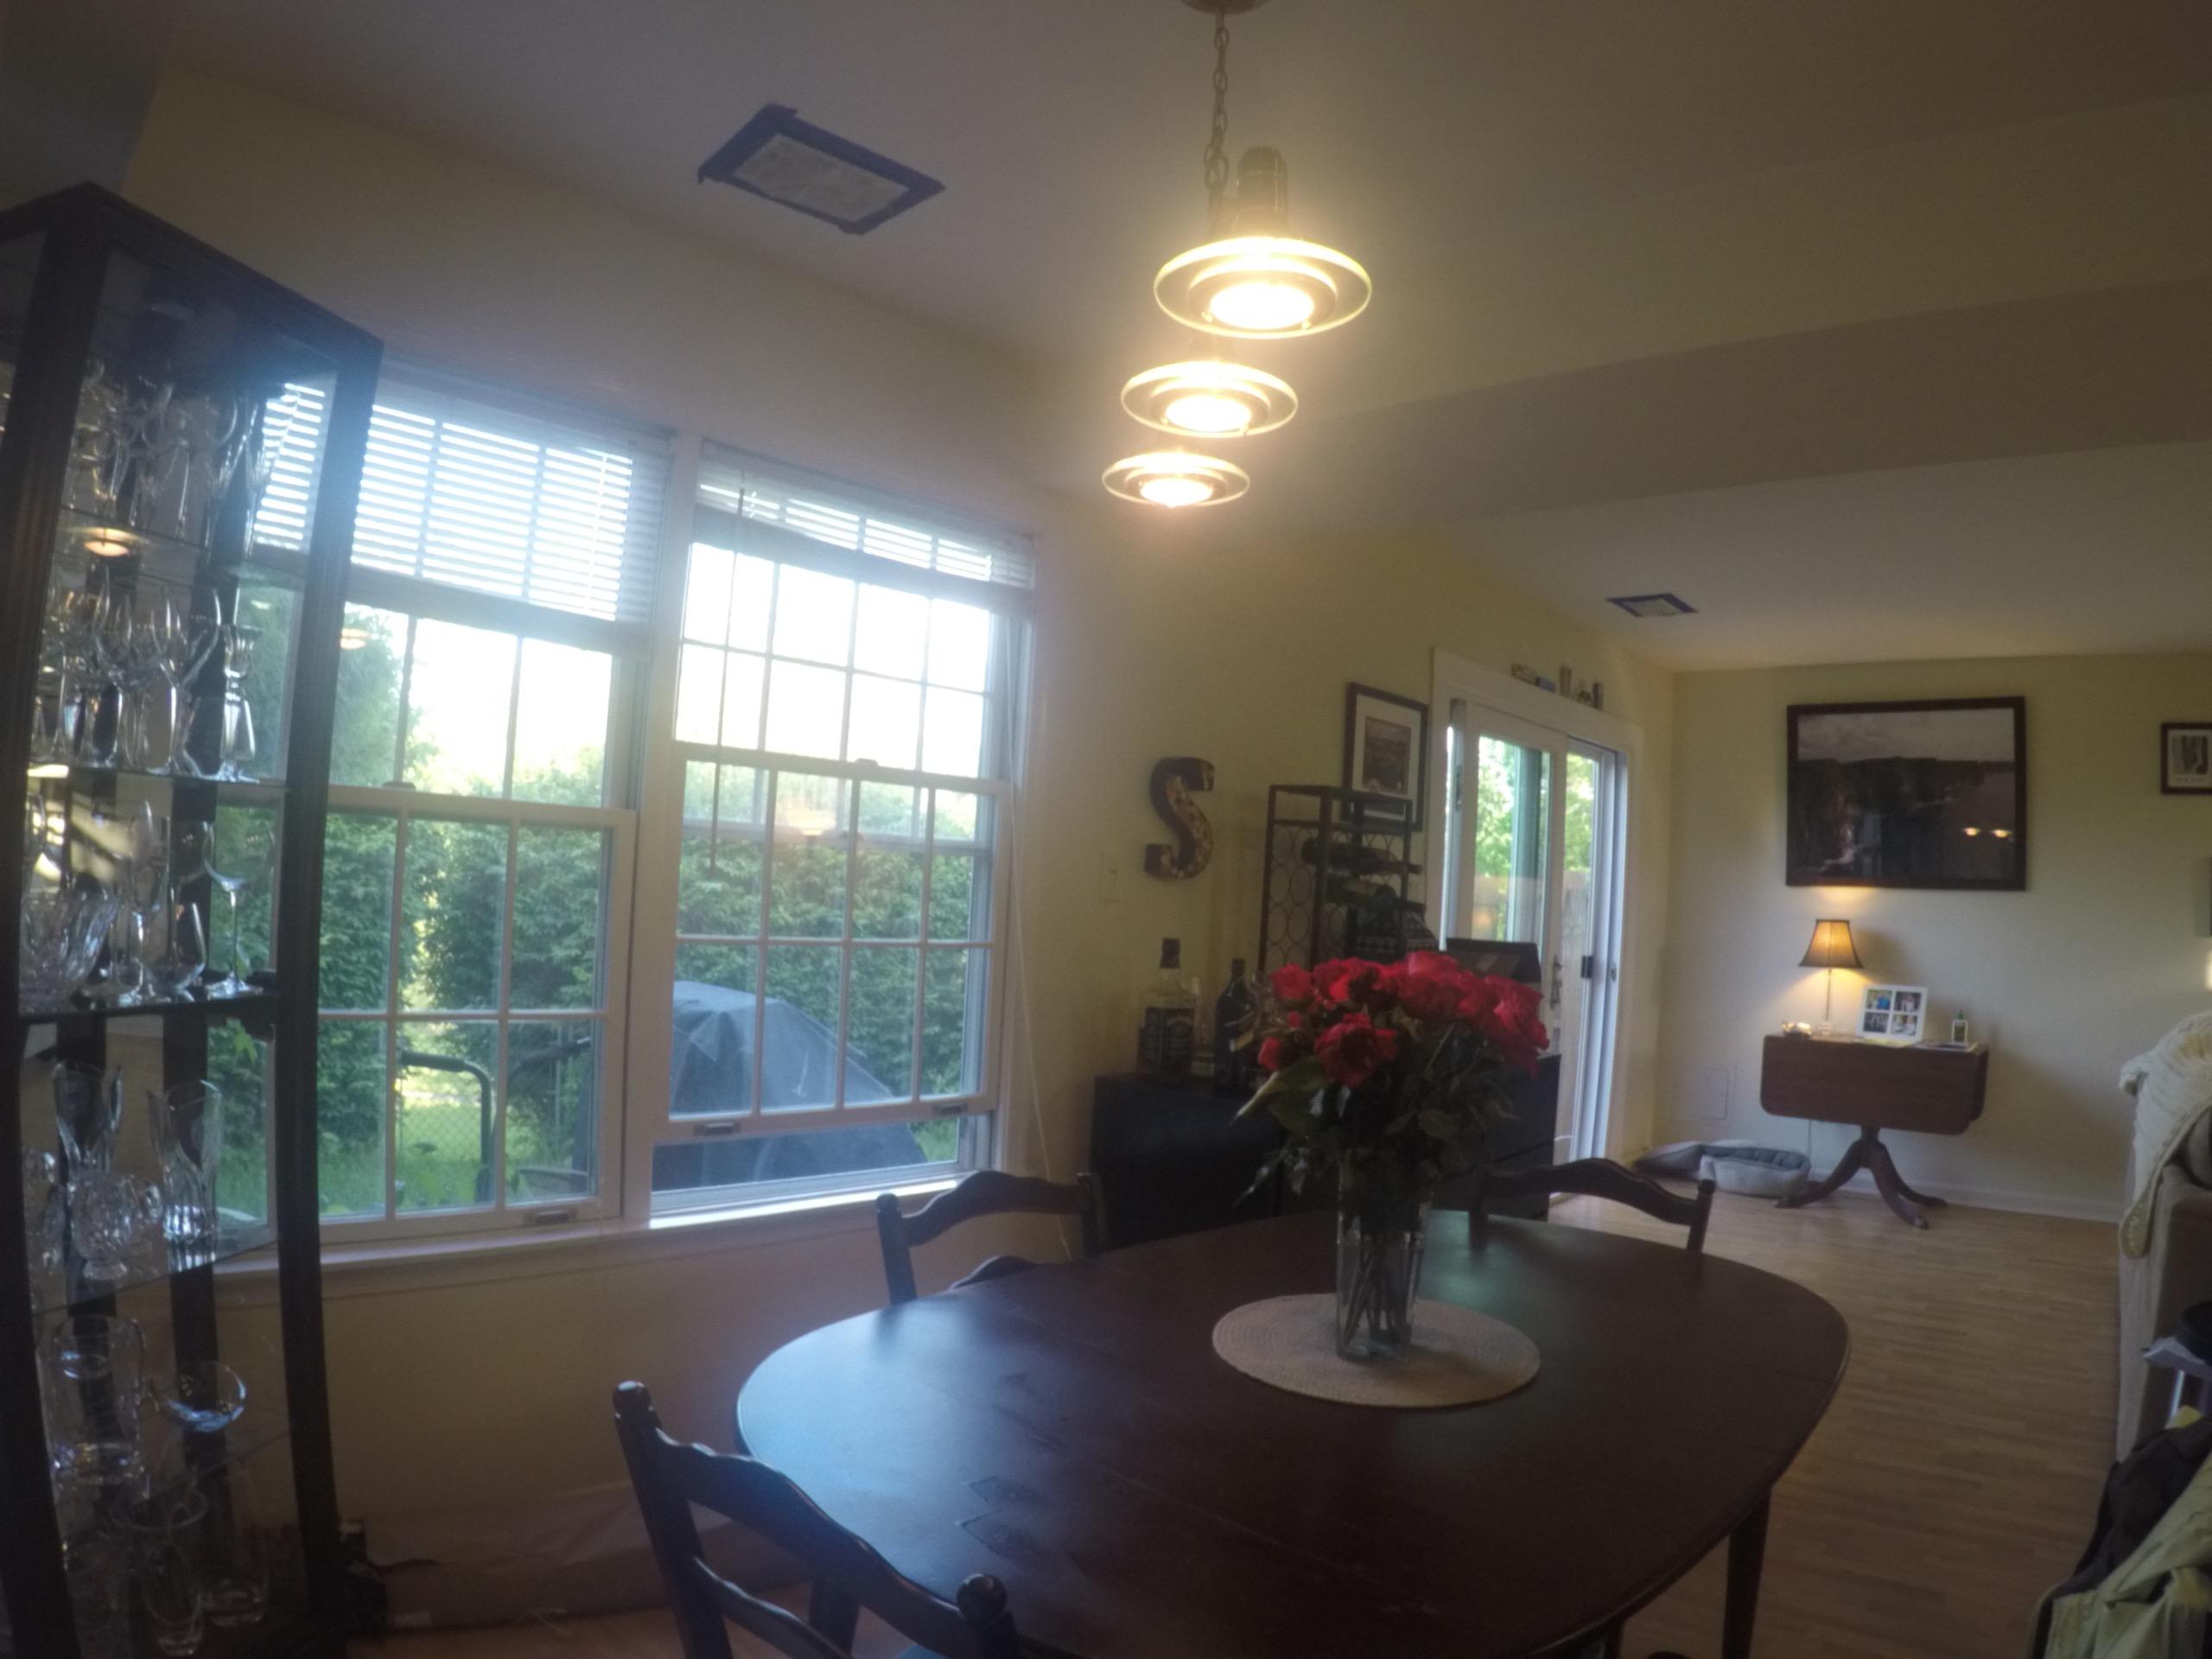 305 Charles LivingSimple Properties Rockville